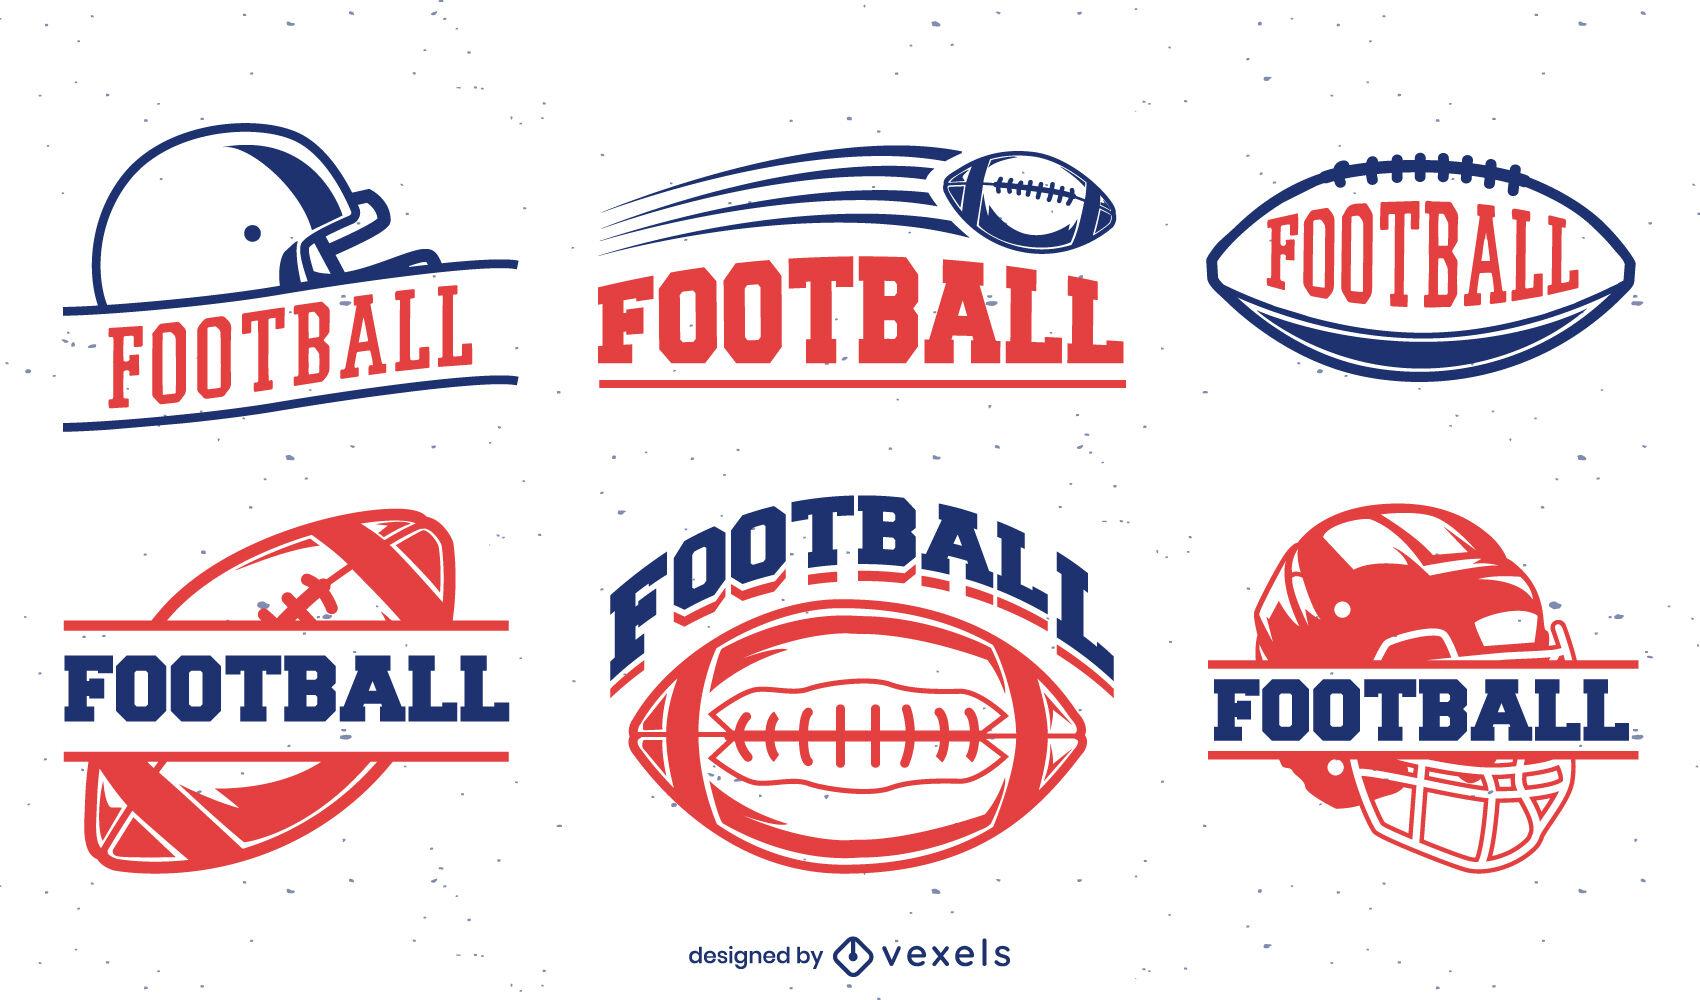 Diseño de escenografía de fútbol